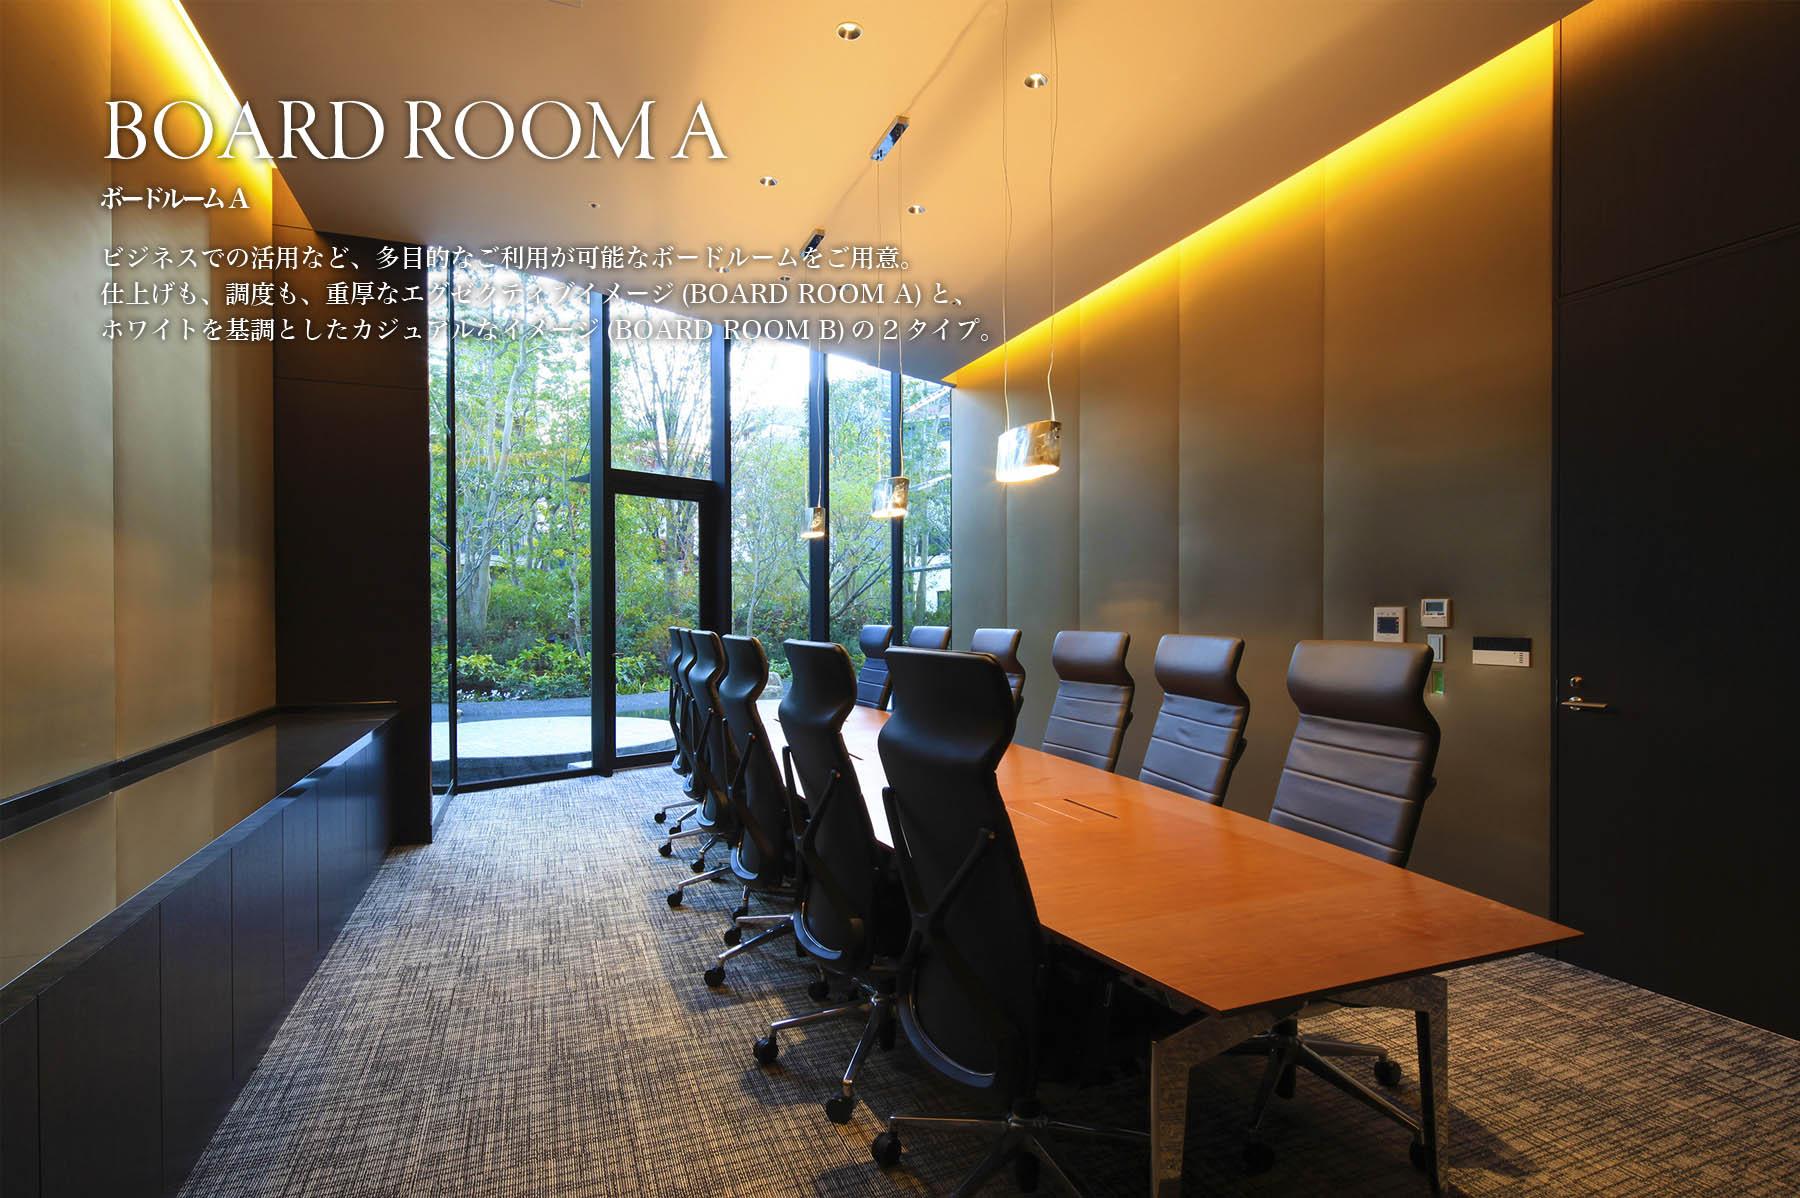 ボードルームa 会議室 共用施設 ラグジュアリーな空間 公式 コン